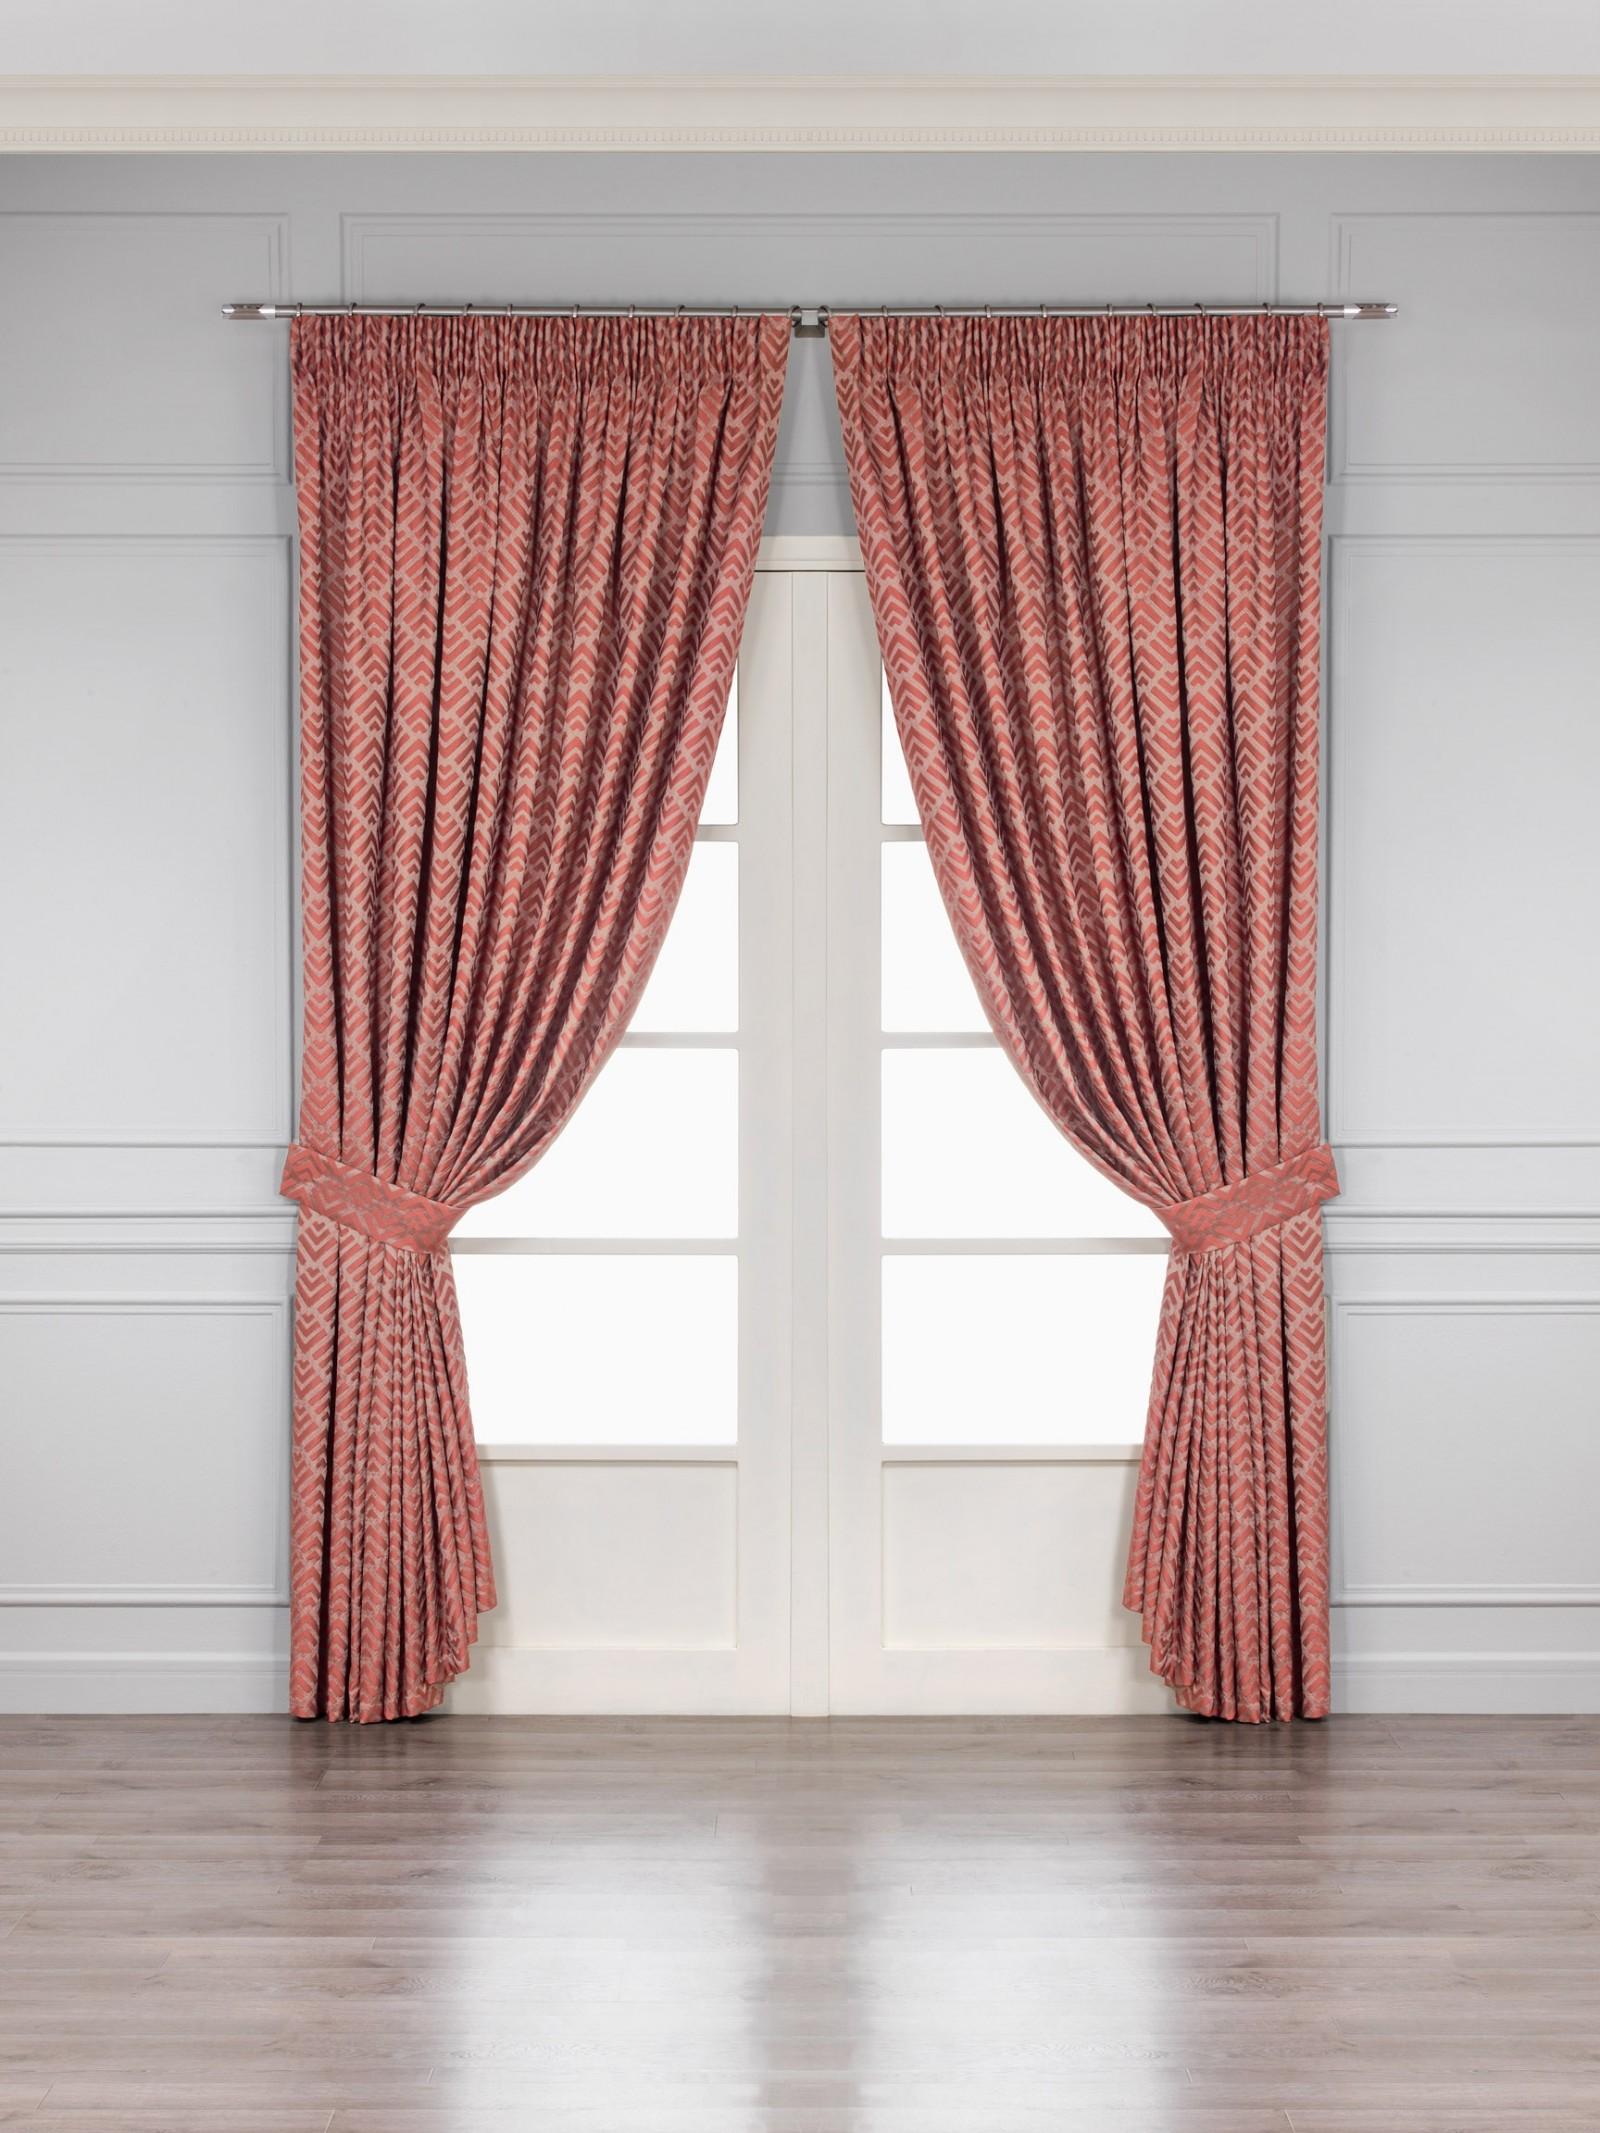 Купить Шторы Togas, Классические шторы Брукс Цвет: Бордовый, Греция, Портьерная ткань